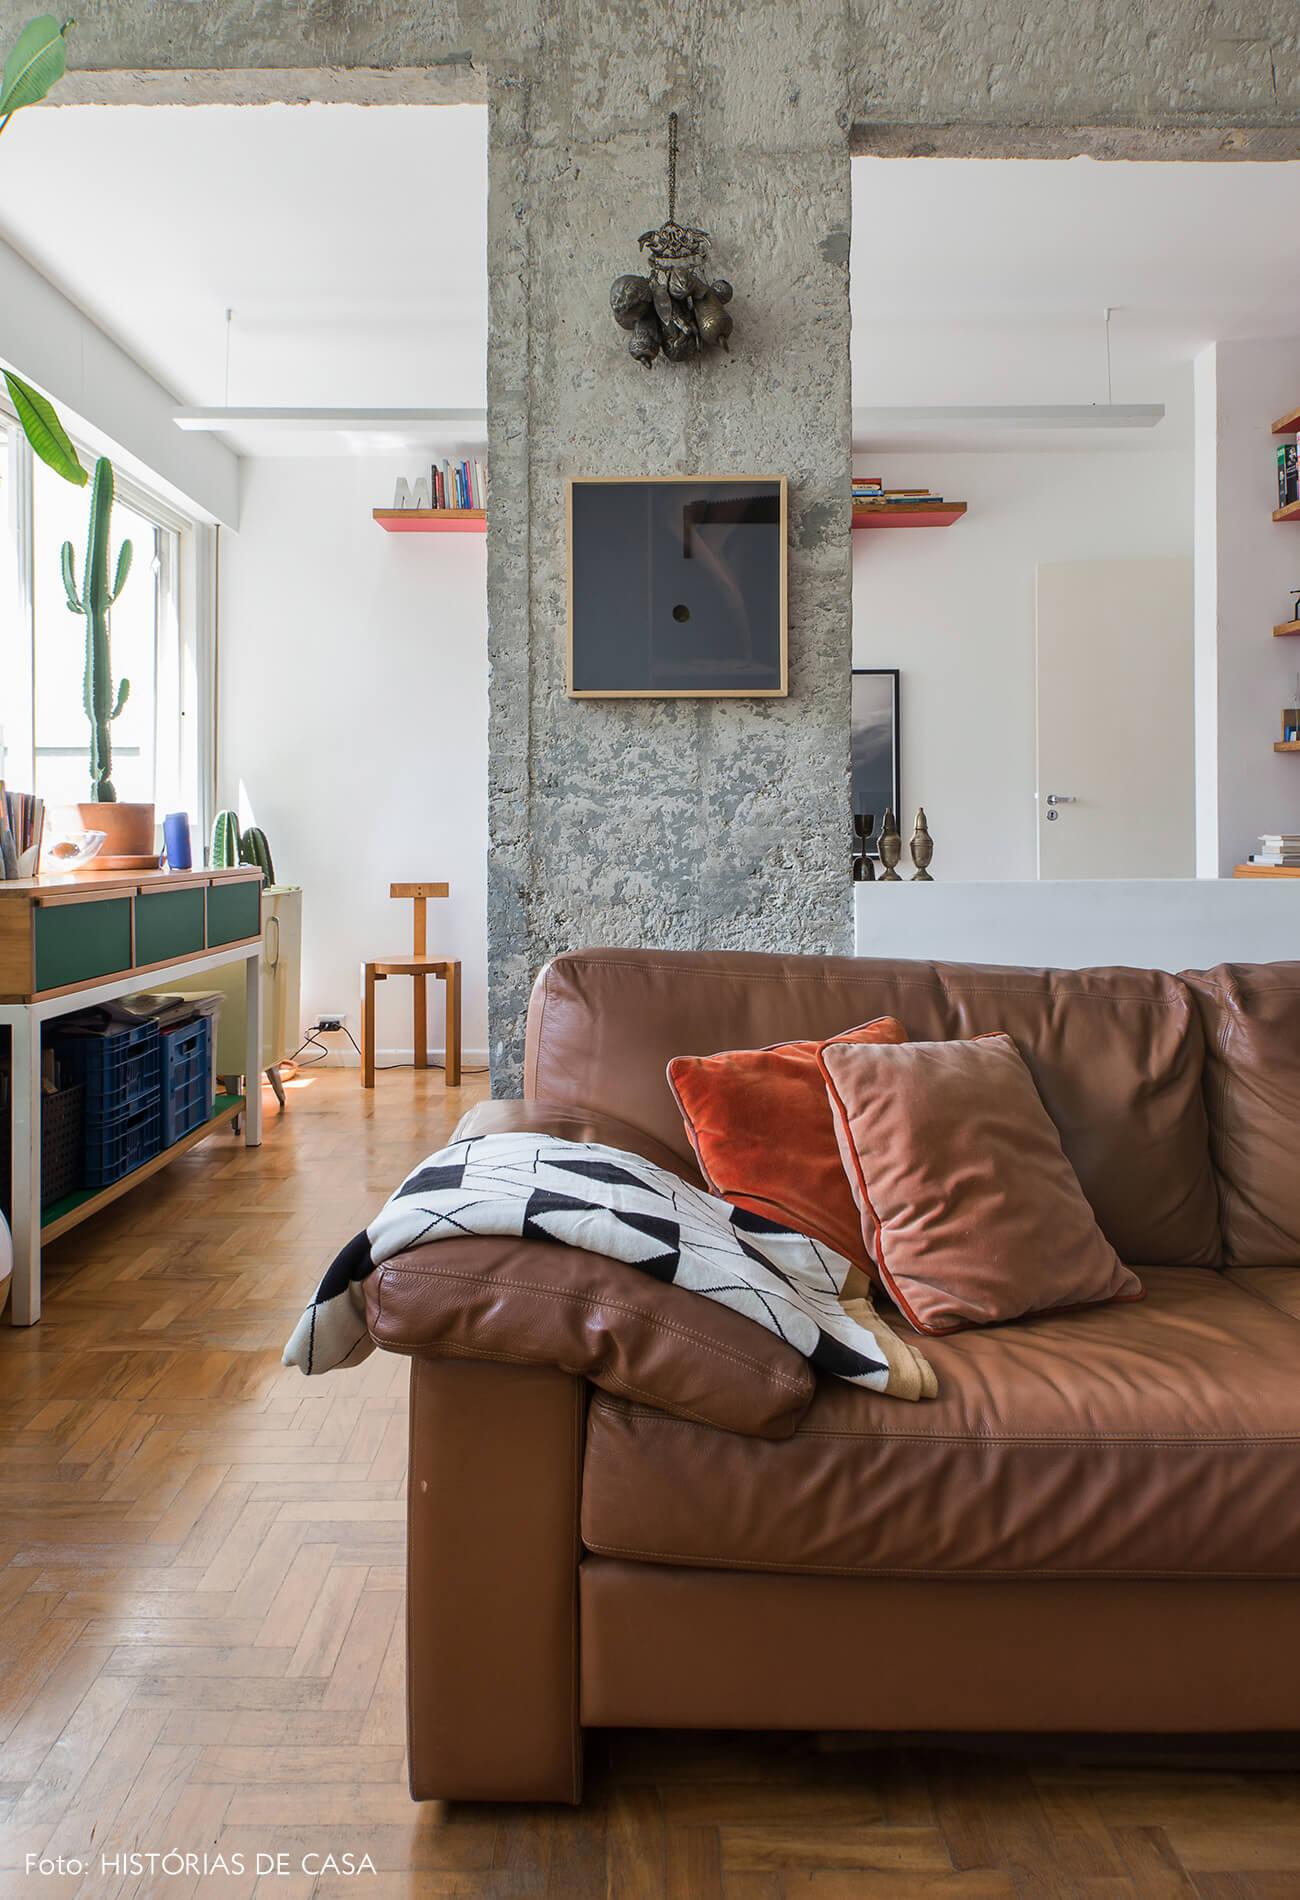 Sala integrada com pilar de concreto e sofá marrom de couro